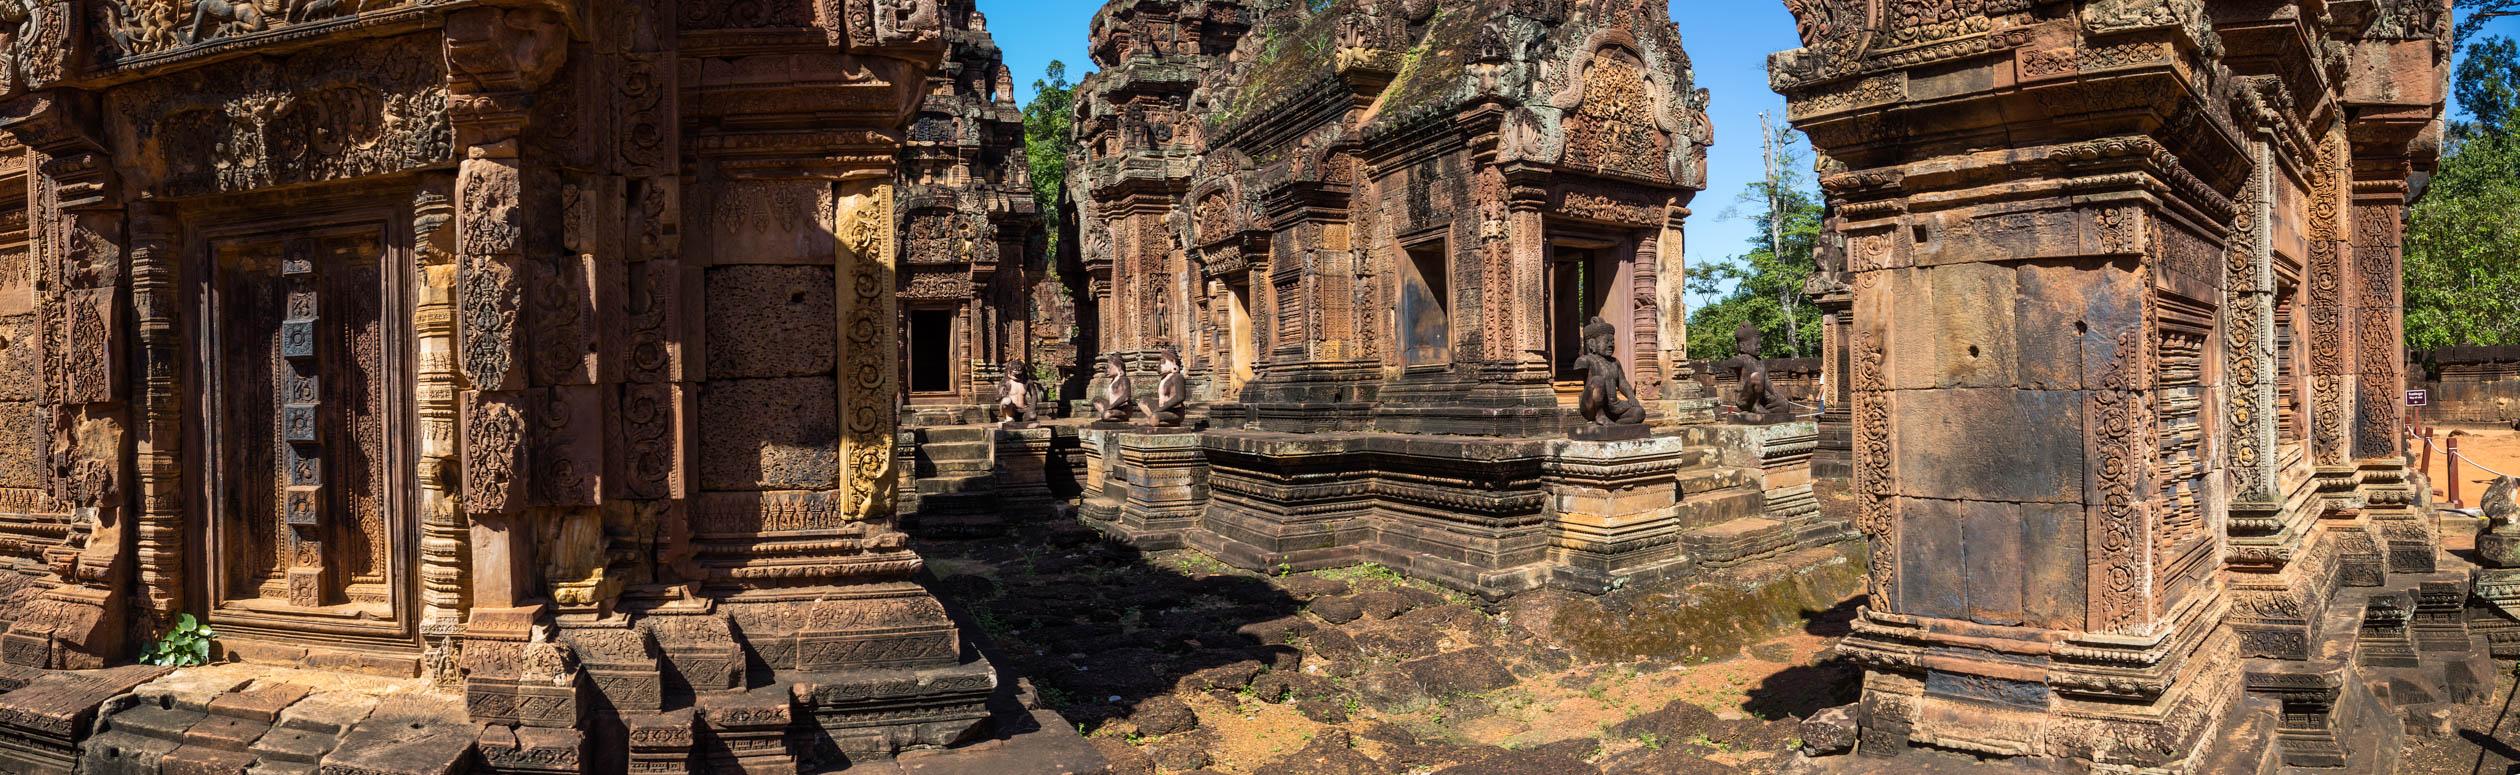 das Innere des Banteay Srei